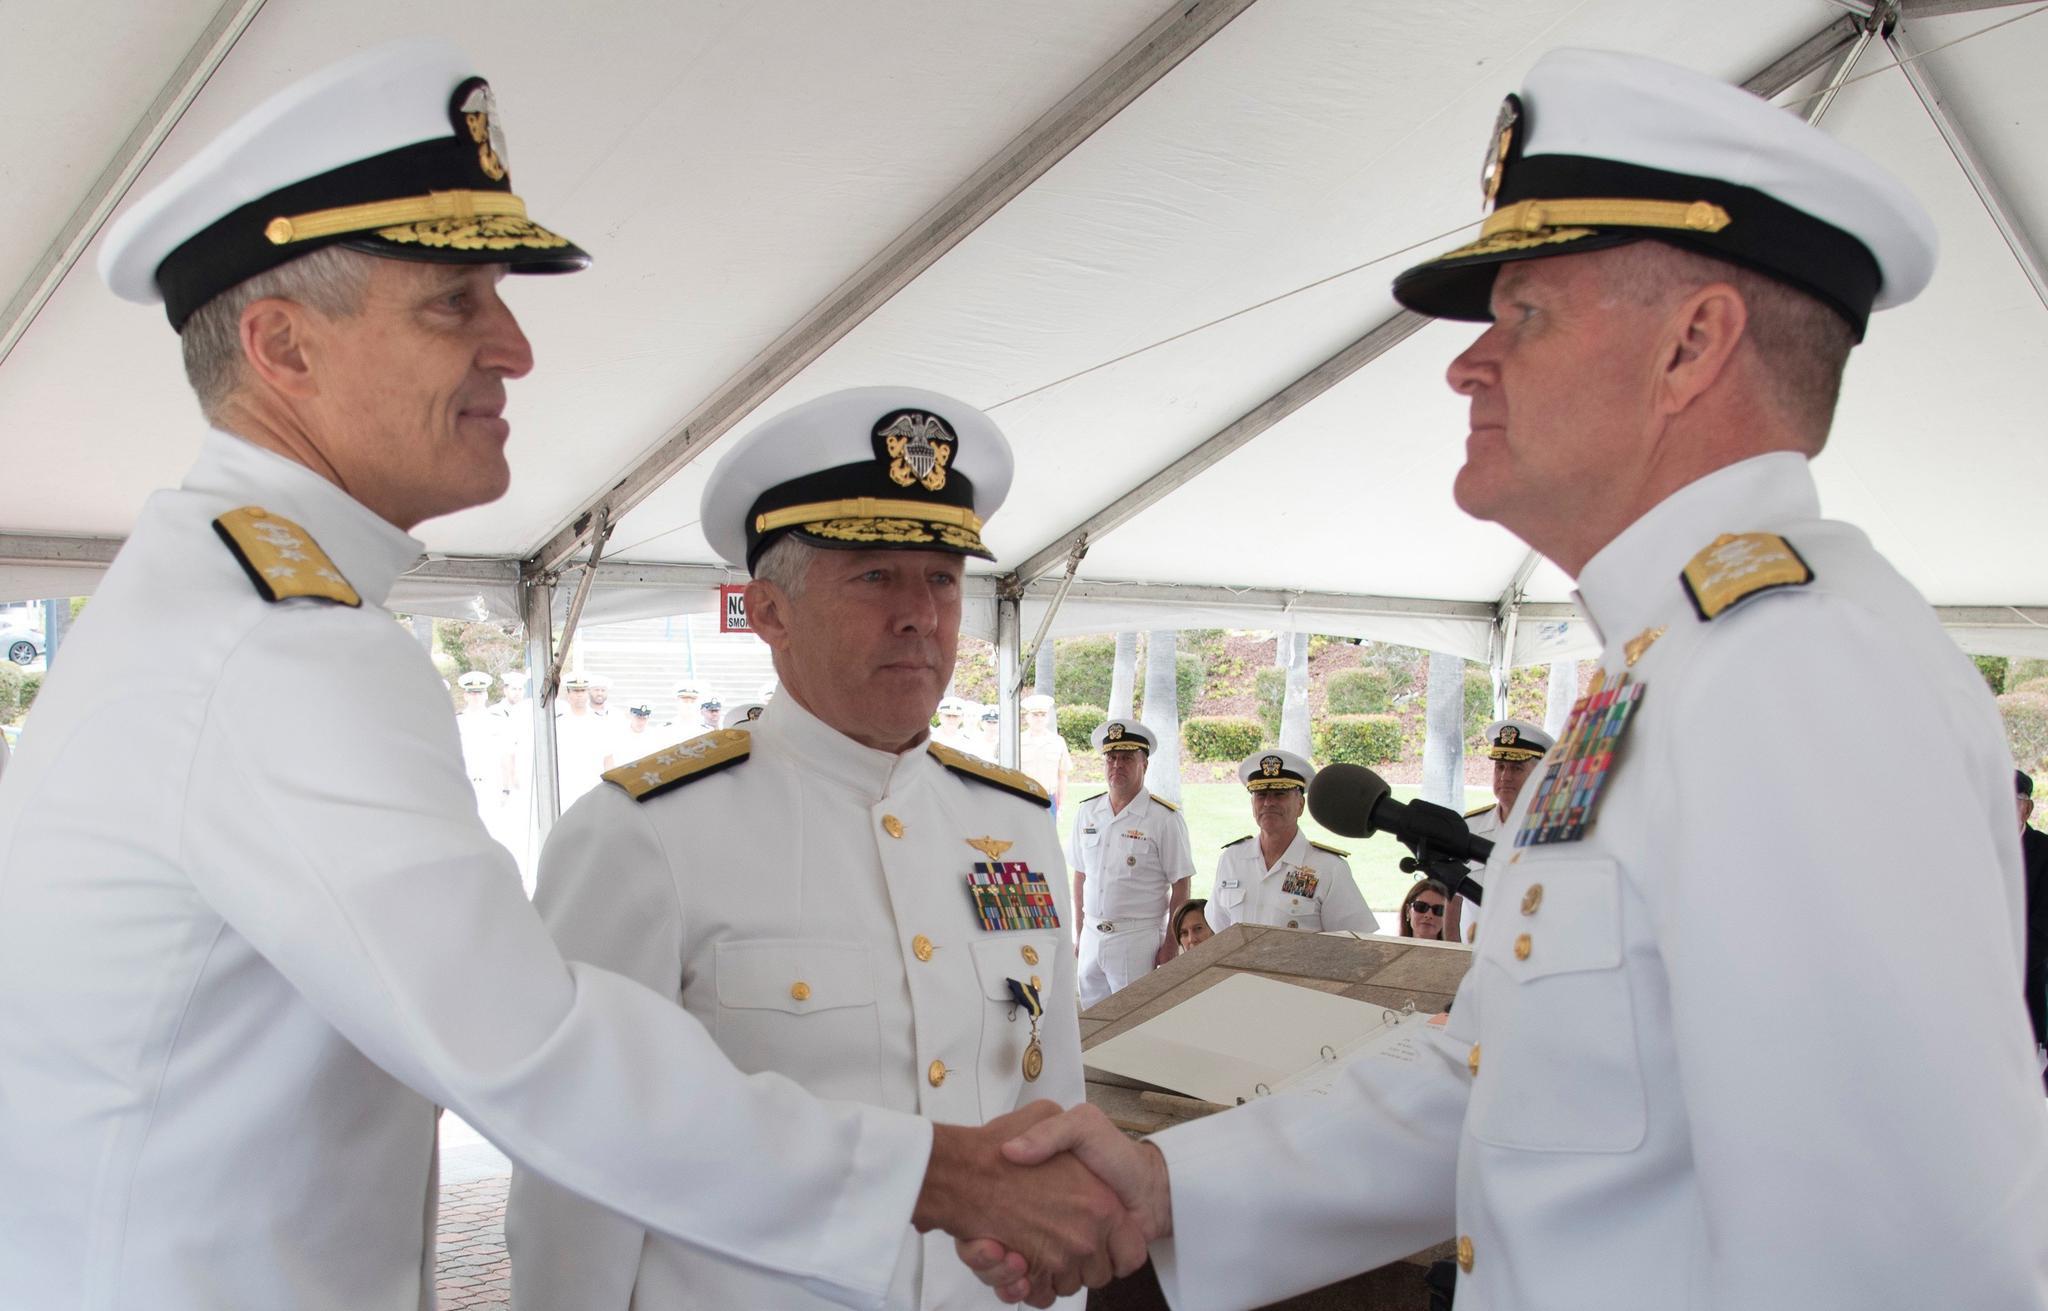 美第三舰队换帅 新司令曾在我国海域执行任务